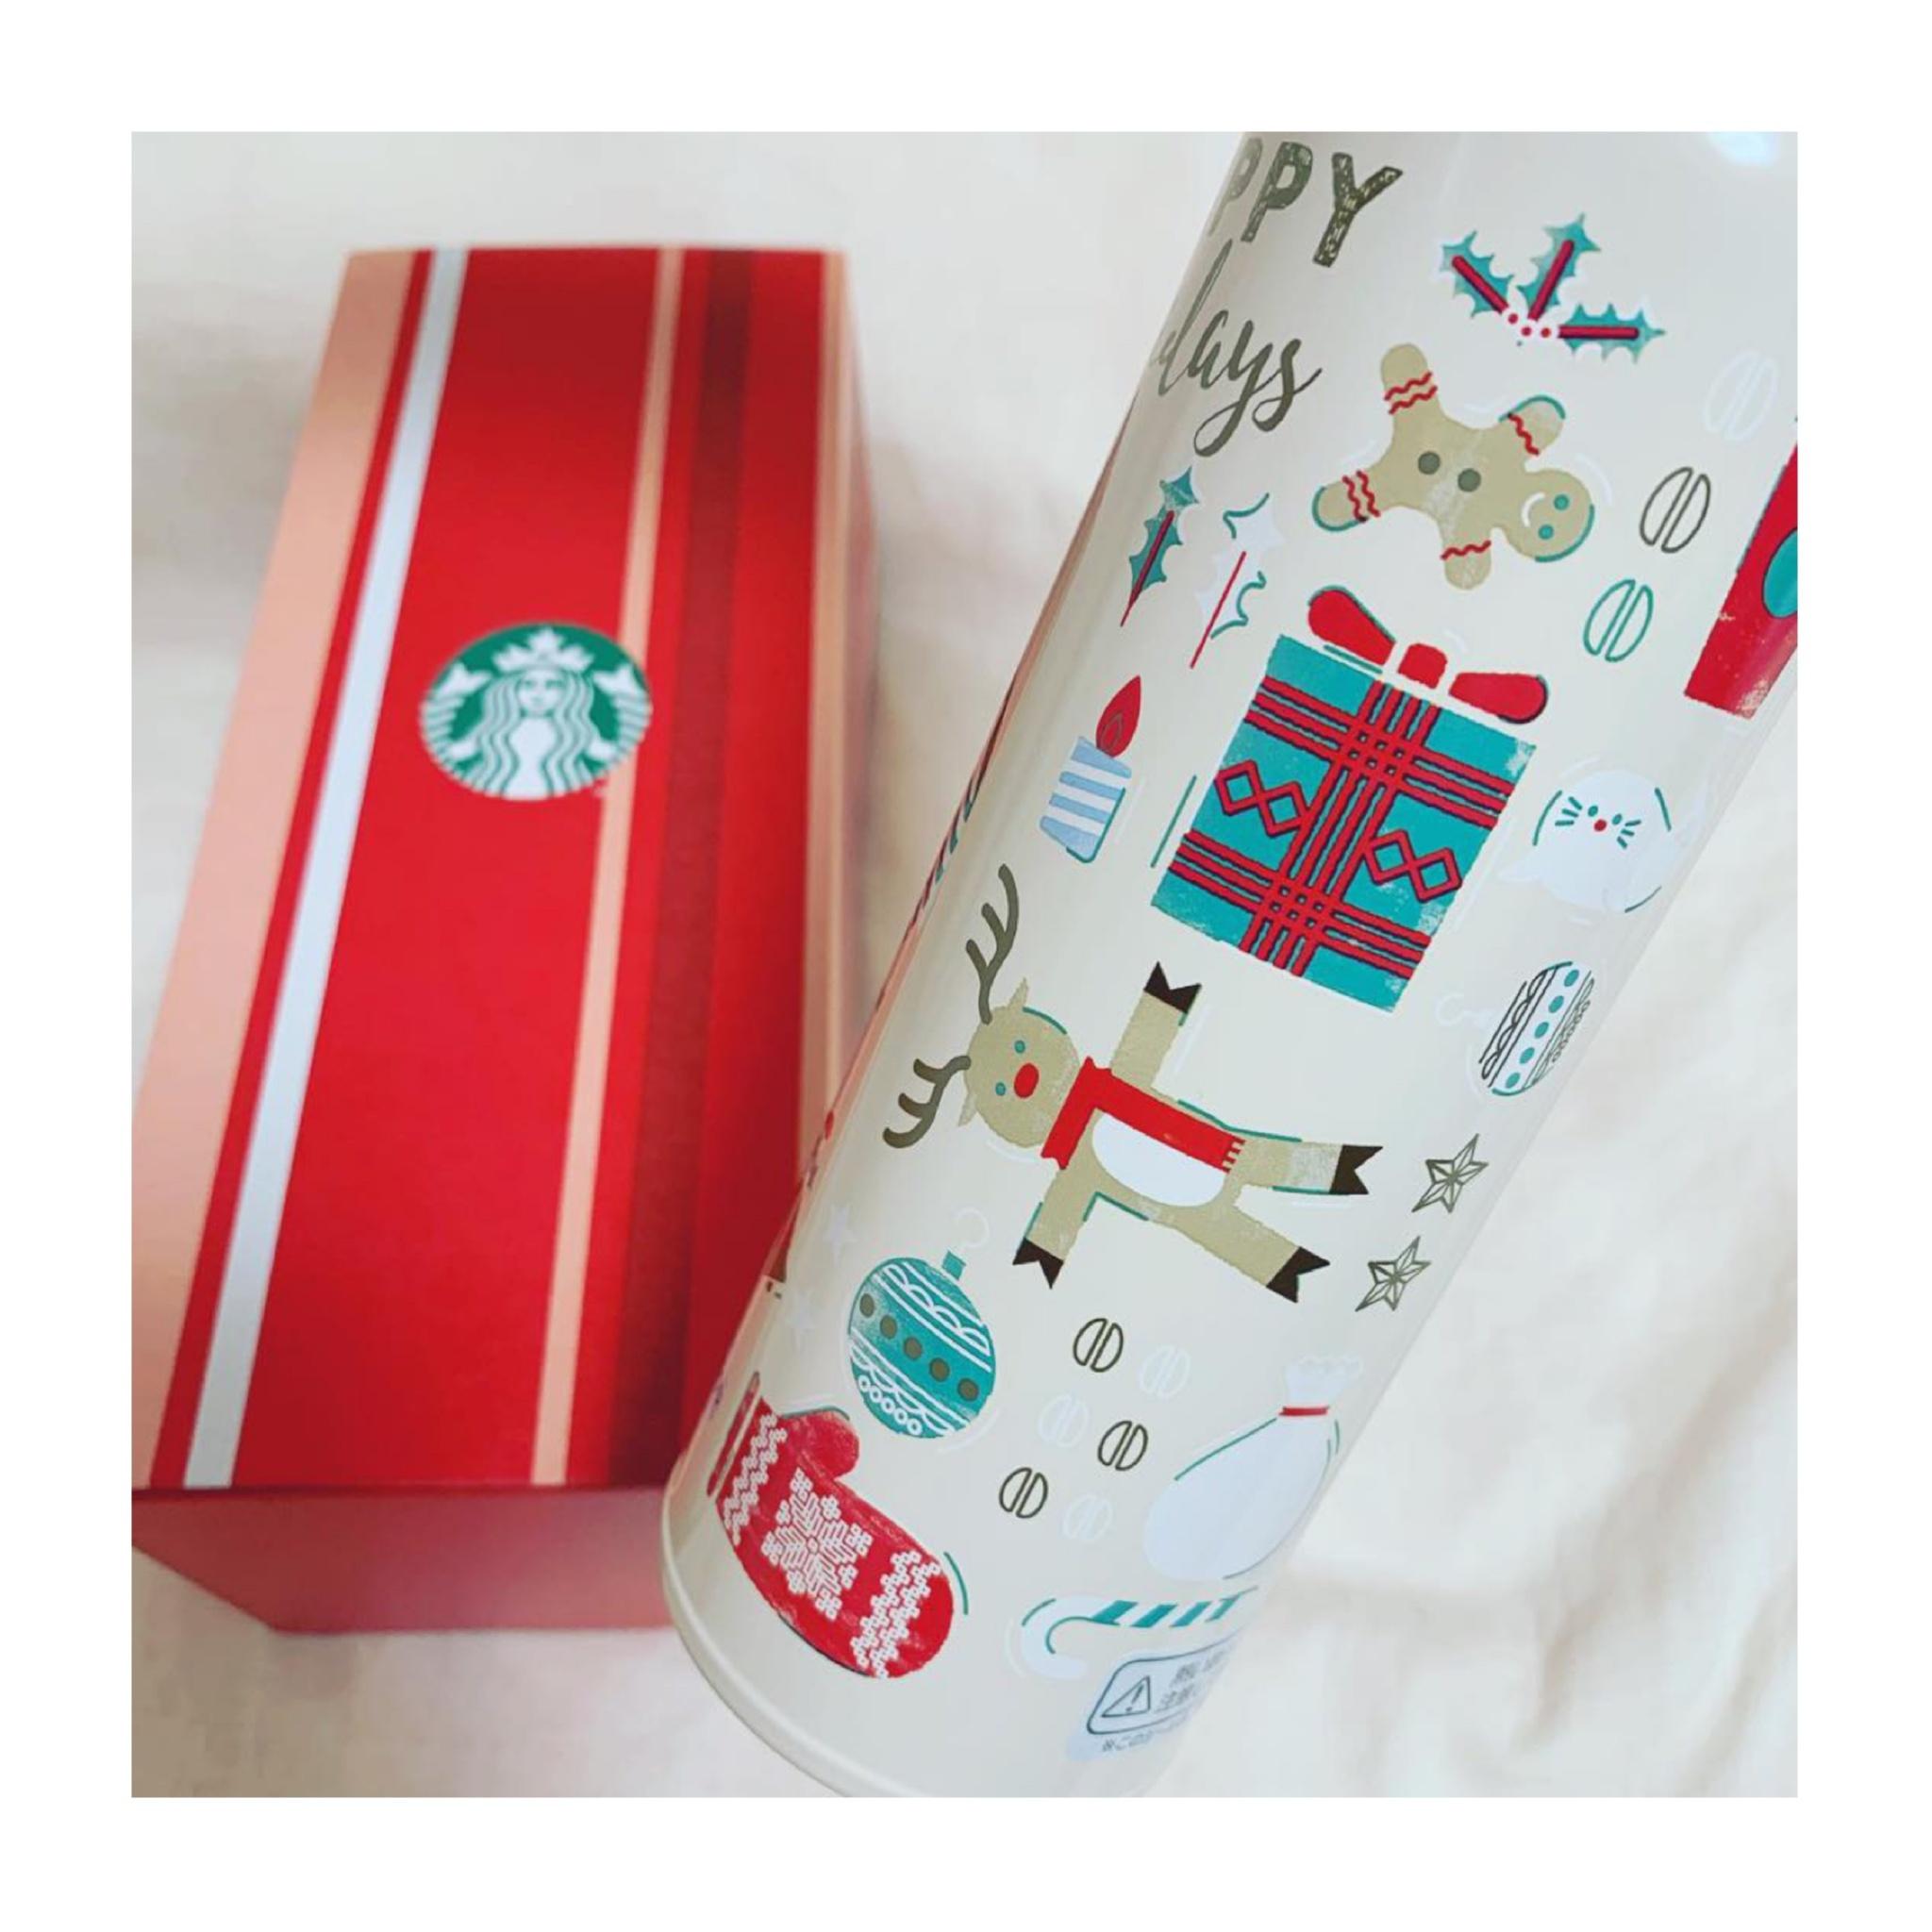 《保温•保冷機能が抜群❤️》【スタバ】クリスマスモチーフのステンレスボトルが可愛くて優秀☻!_2